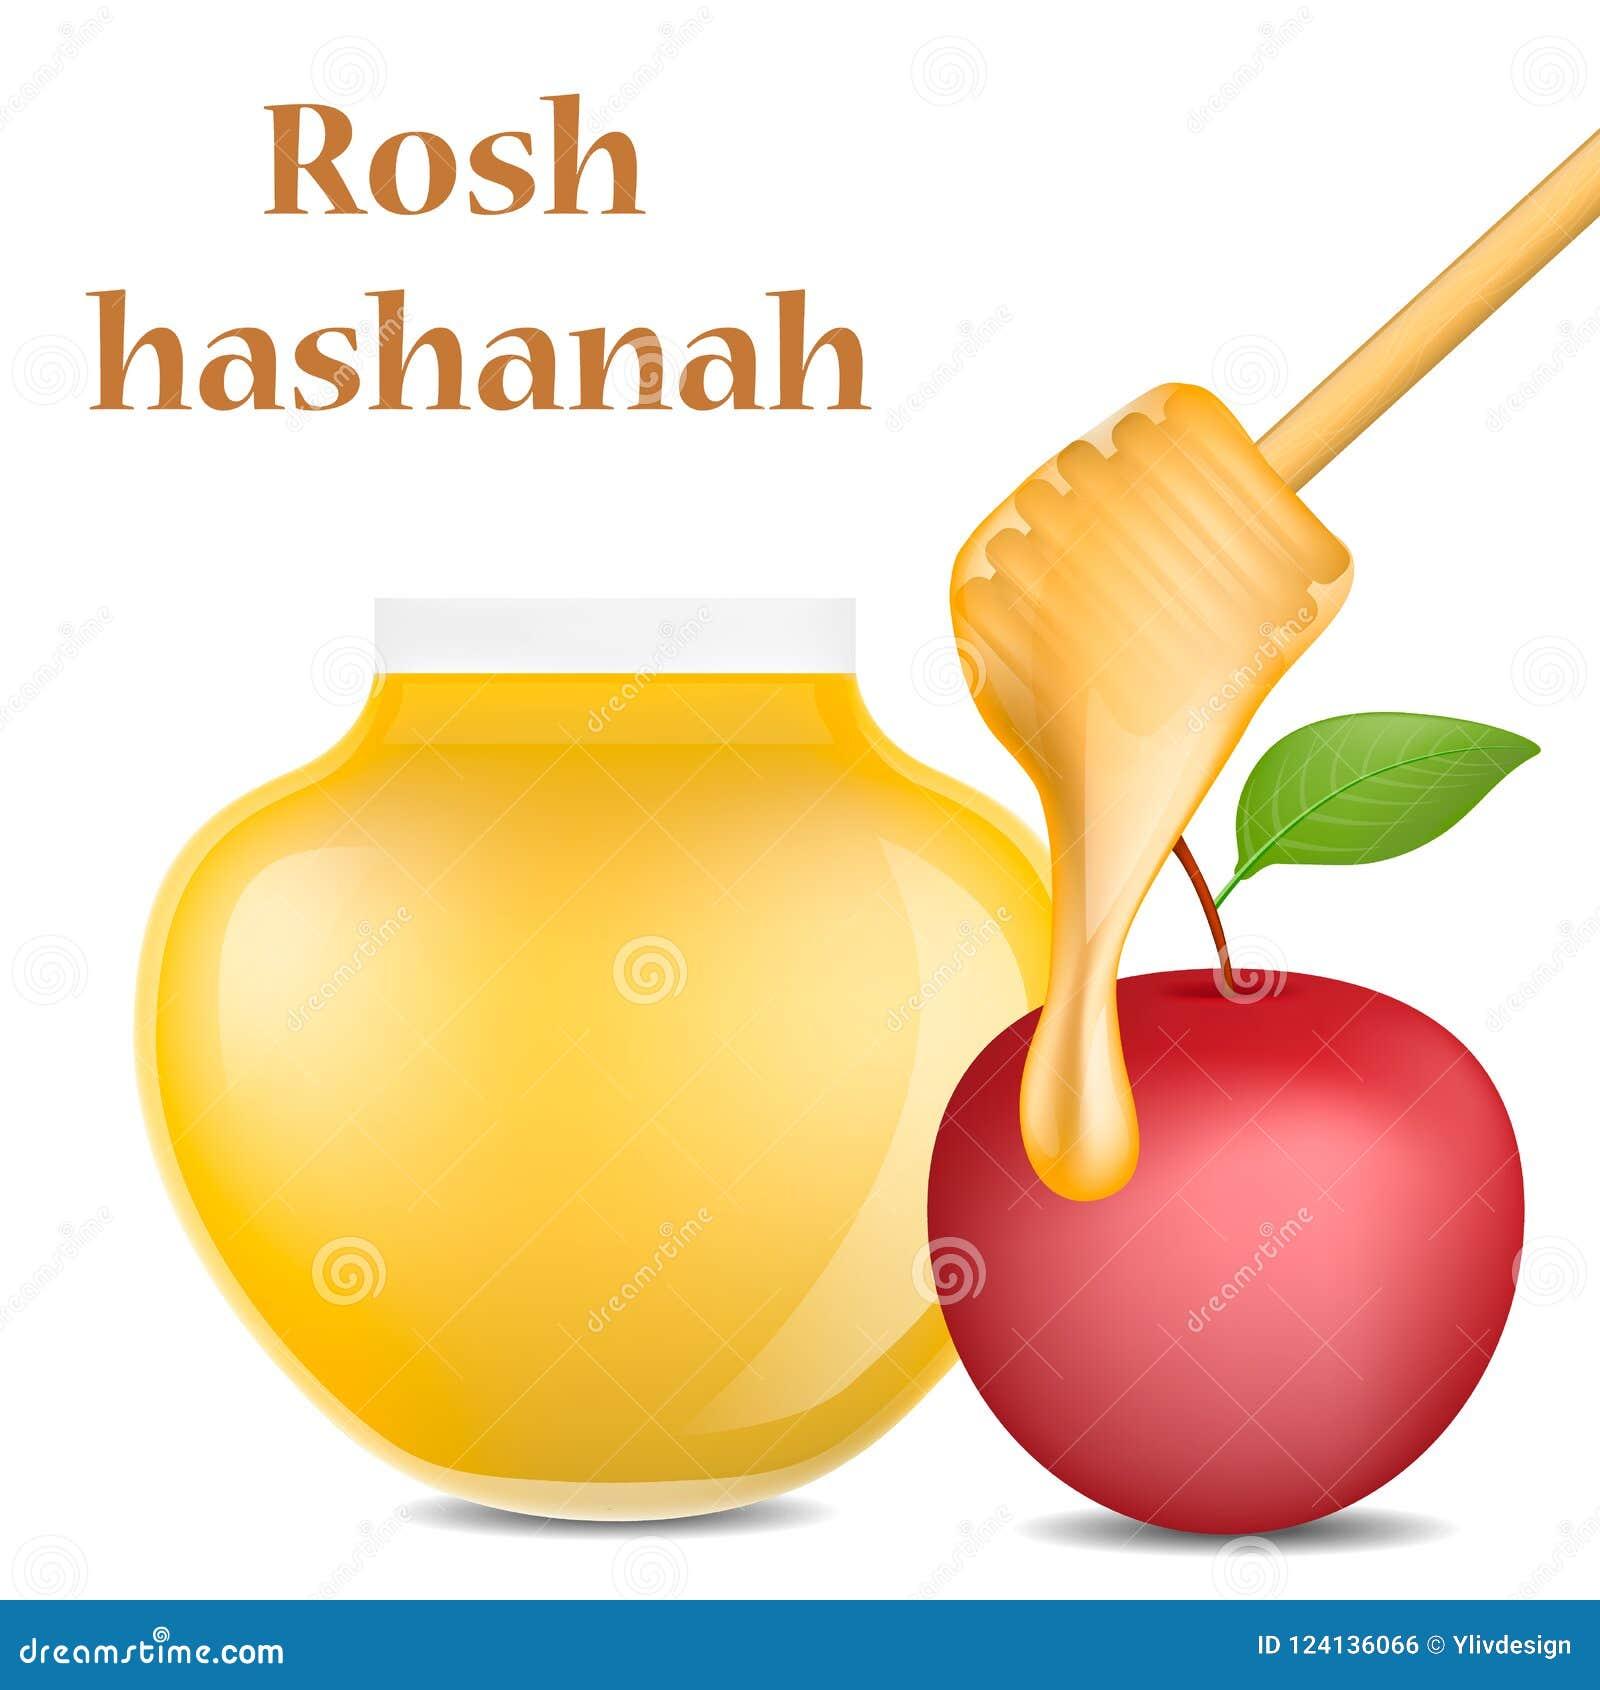 Bakgrund för begrepp för religion för Rosh hashanah judisk, realistisk stil